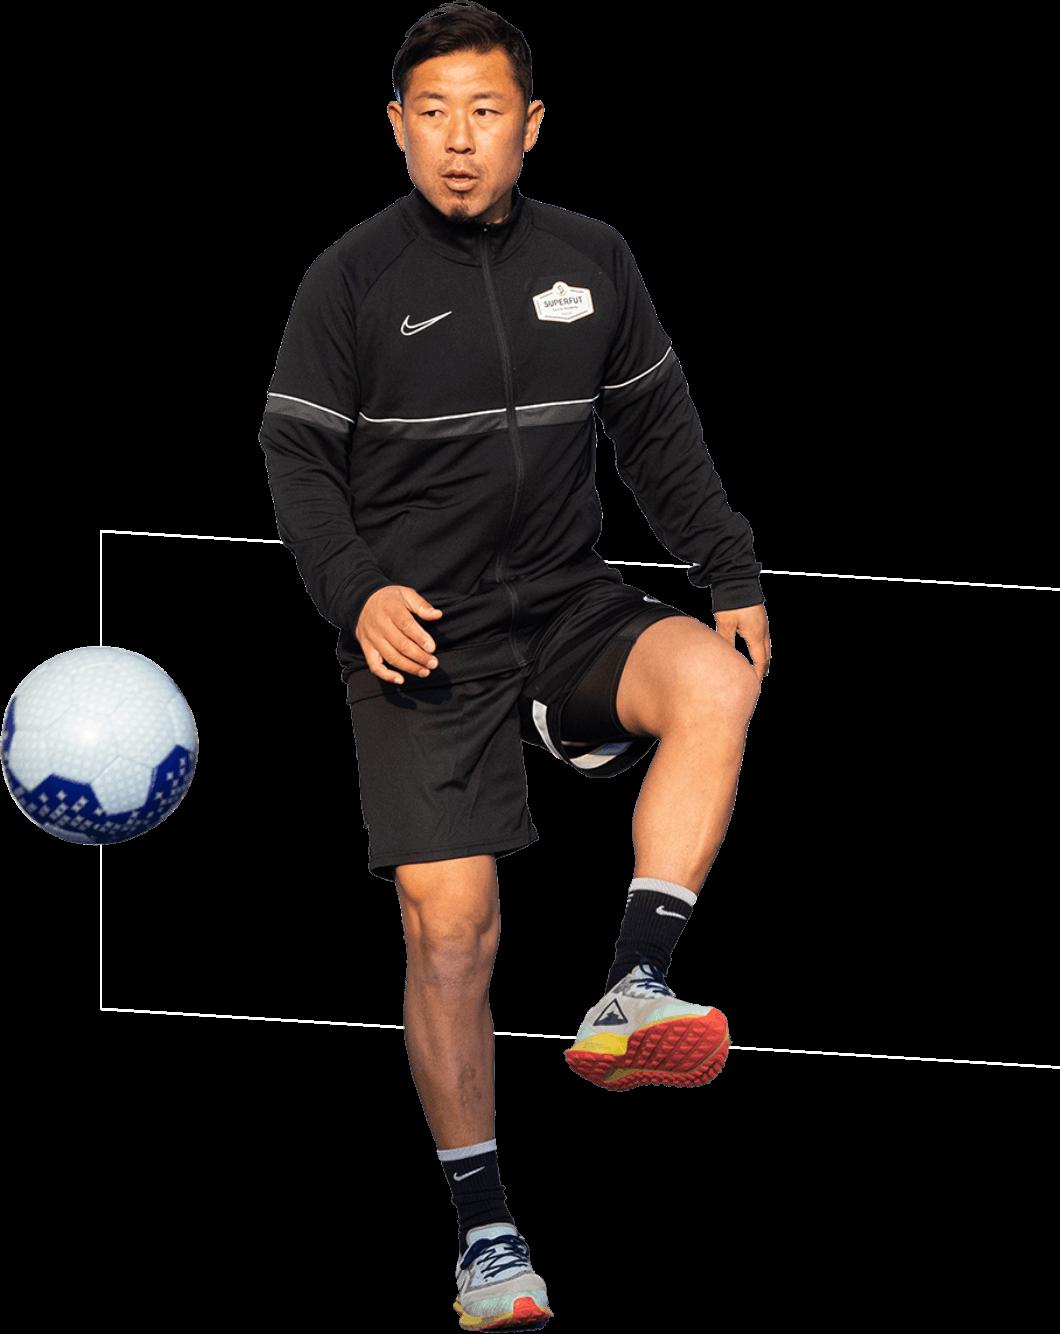 ボールを蹴るコーチ